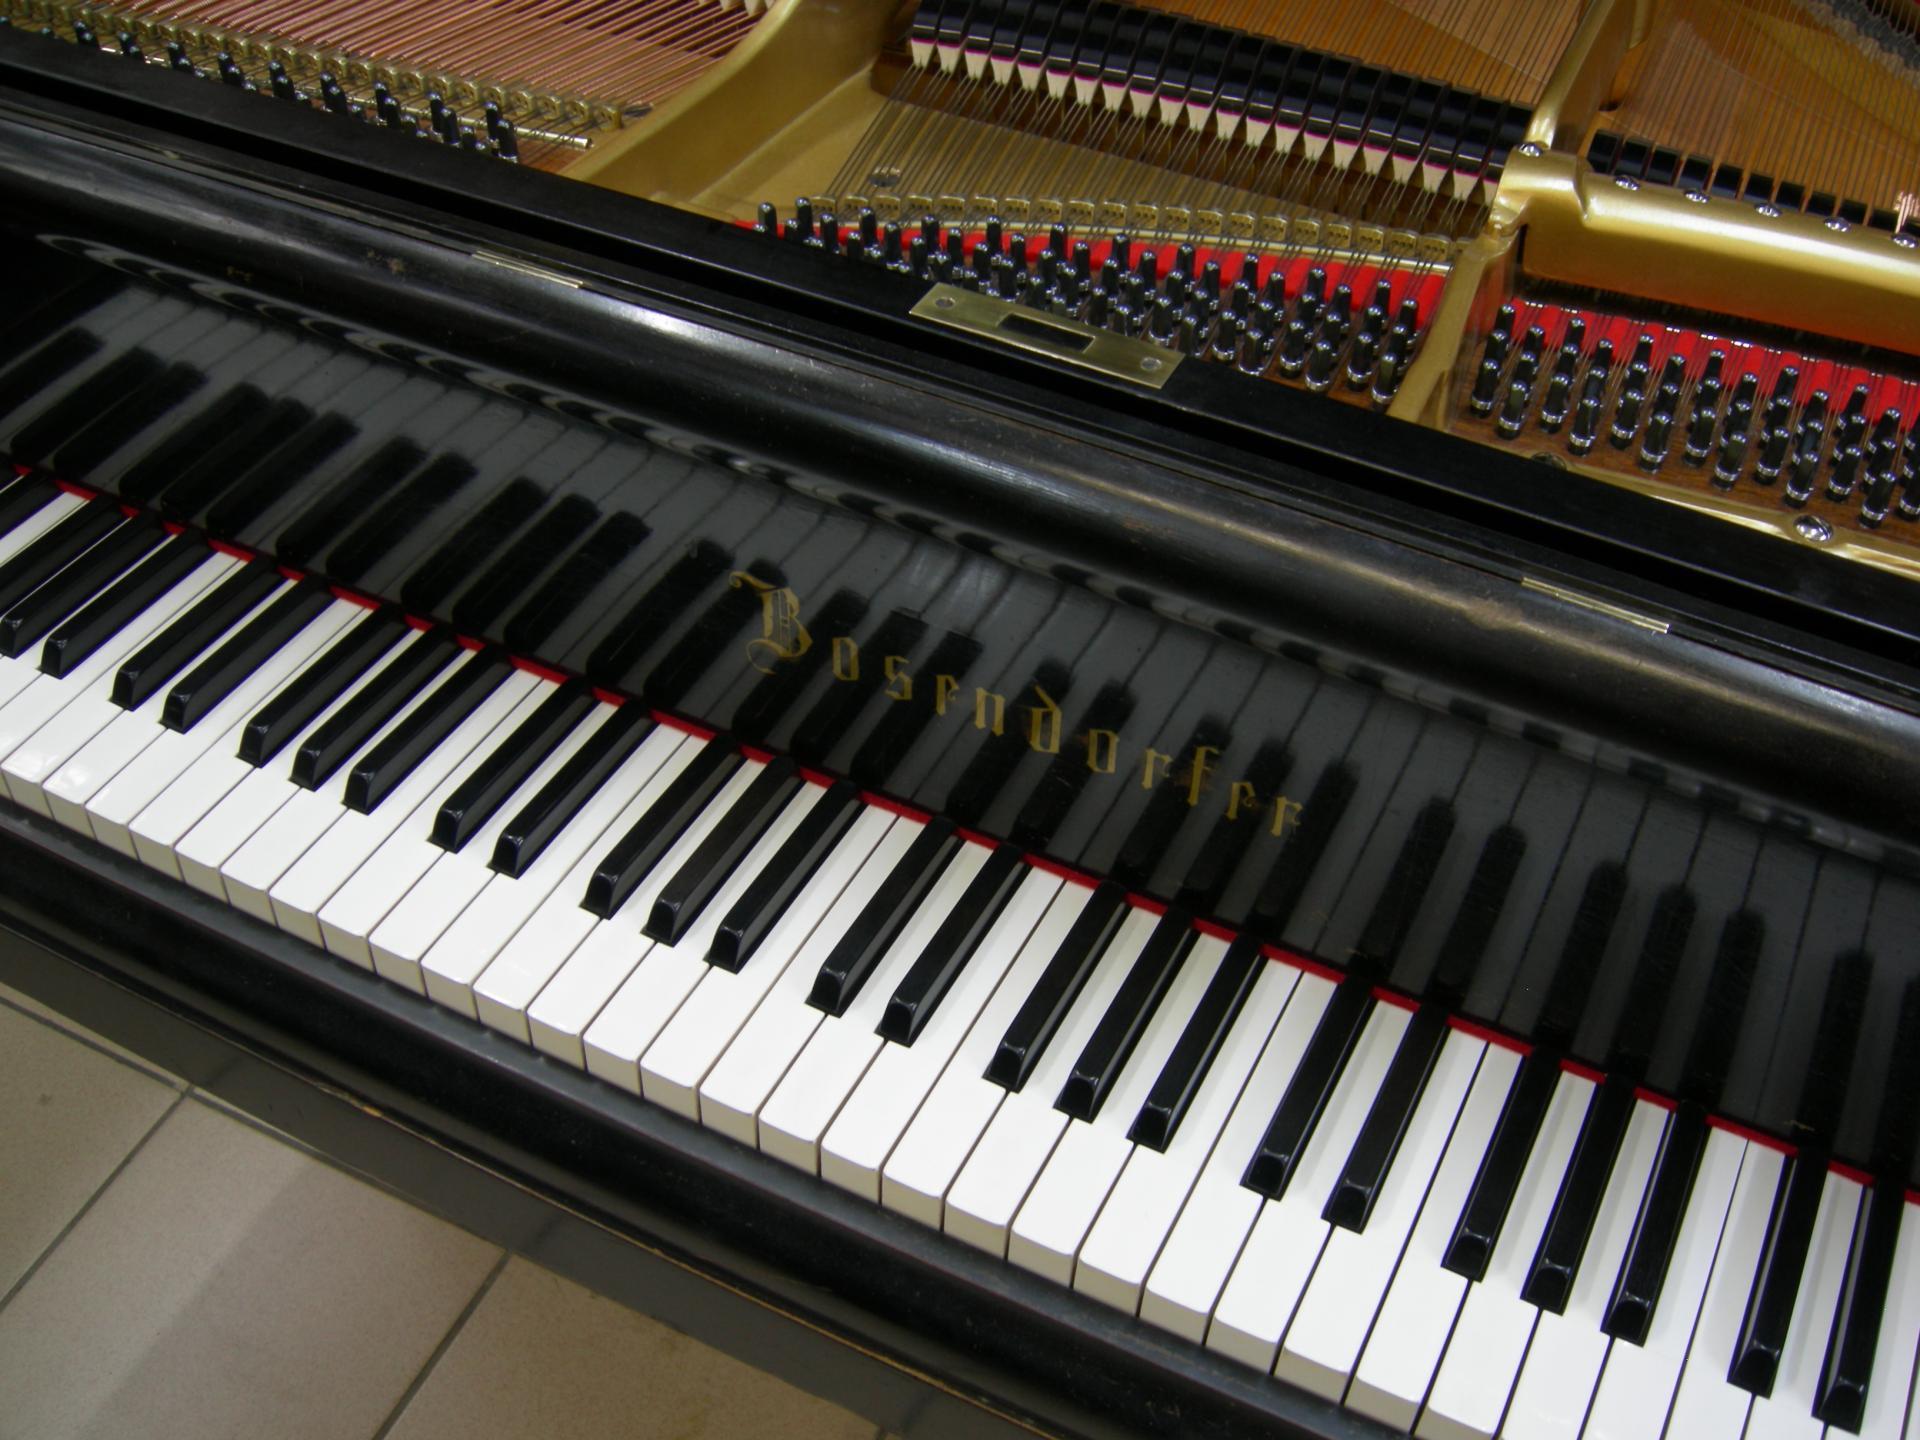 Bosendorfer clavier ds piano